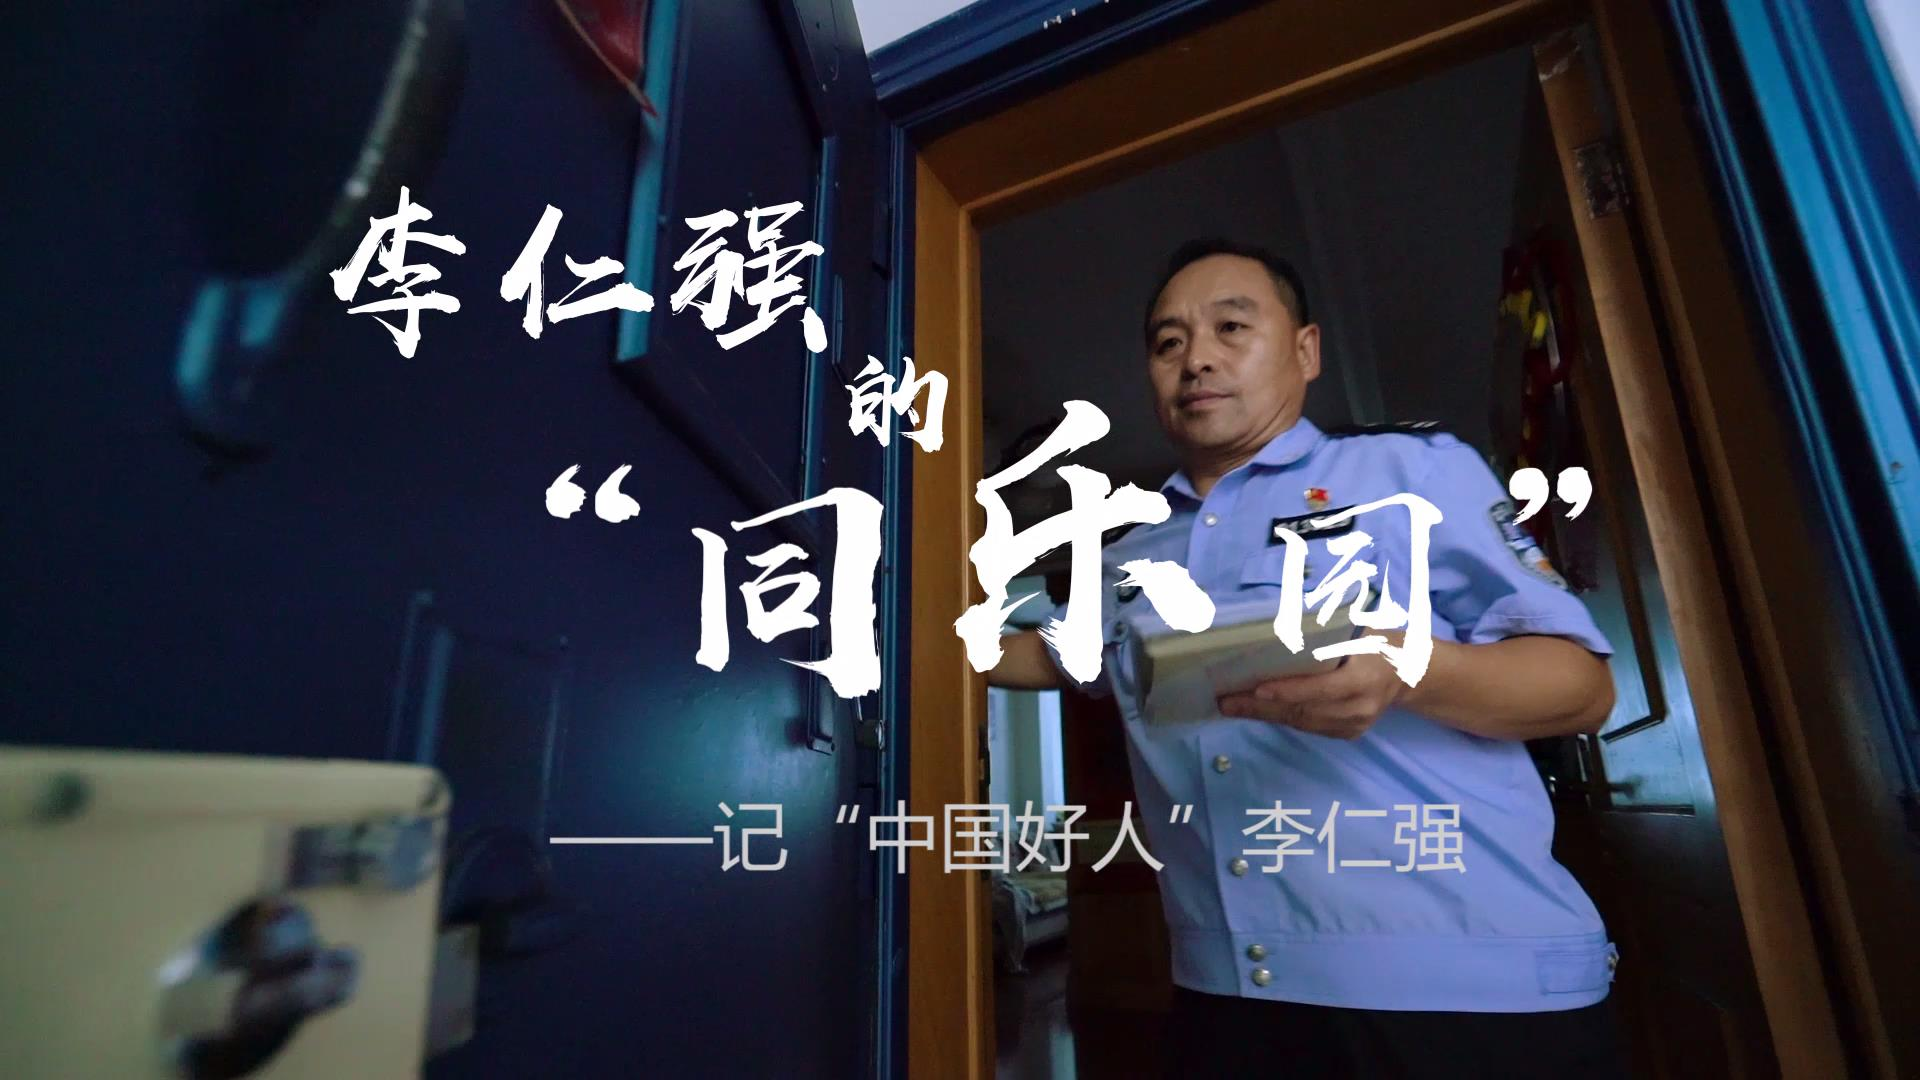 蚌埠中国好人李仁强:李仁强的同乐园[00_00_31][20190419-103209].jpg